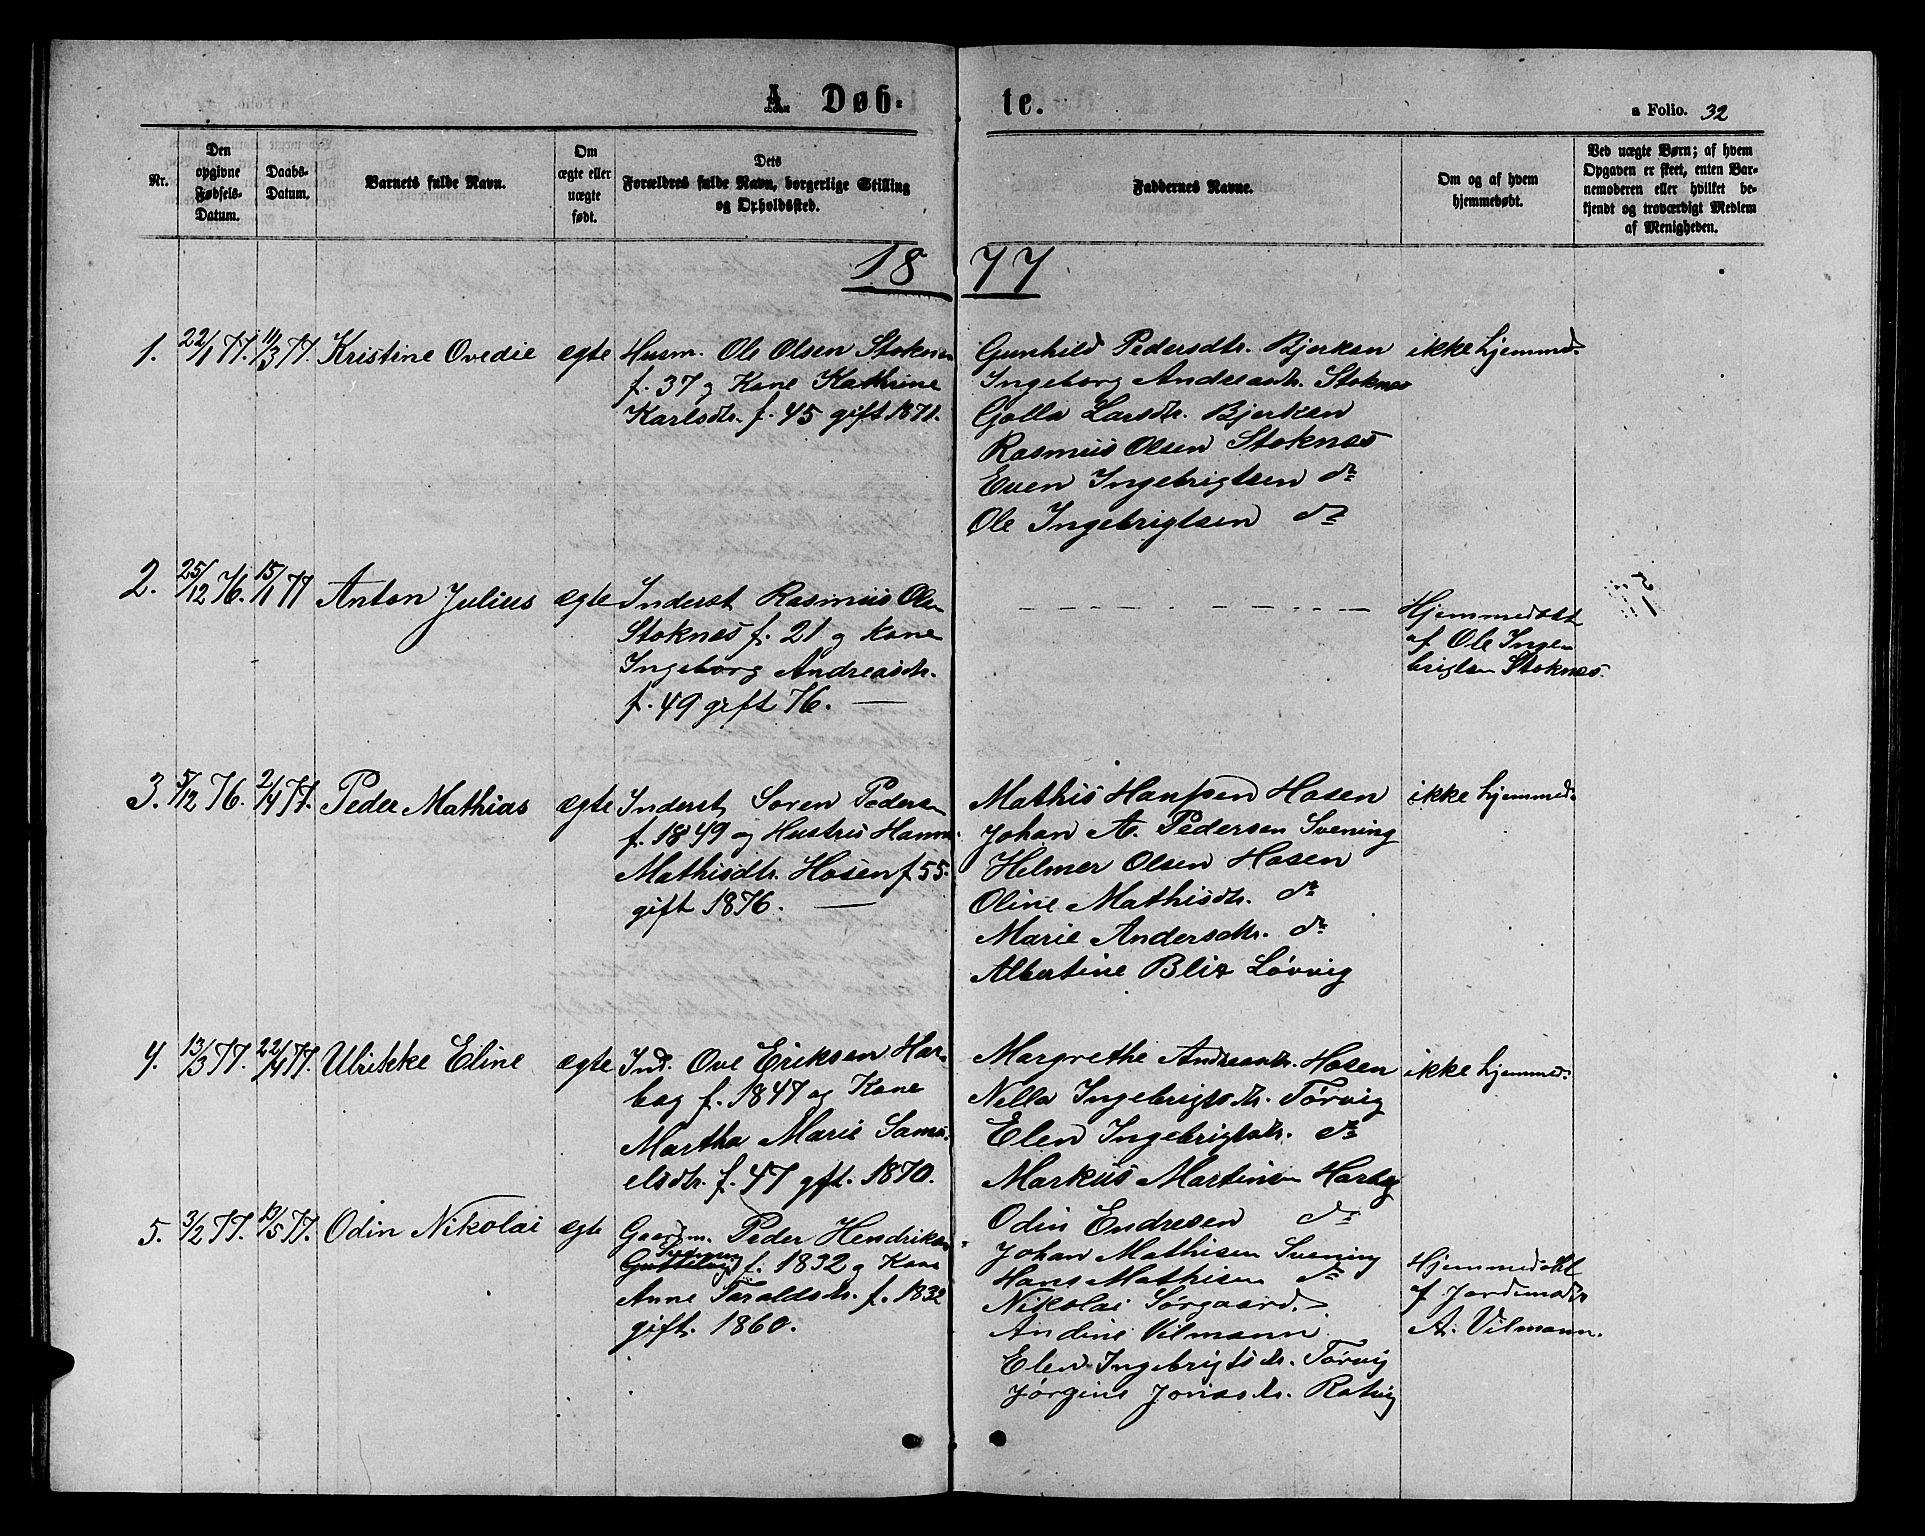 SAT, Ministerialprotokoller, klokkerbøker og fødselsregistre - Sør-Trøndelag, 656/L0695: Klokkerbok nr. 656C01, 1867-1889, s. 32